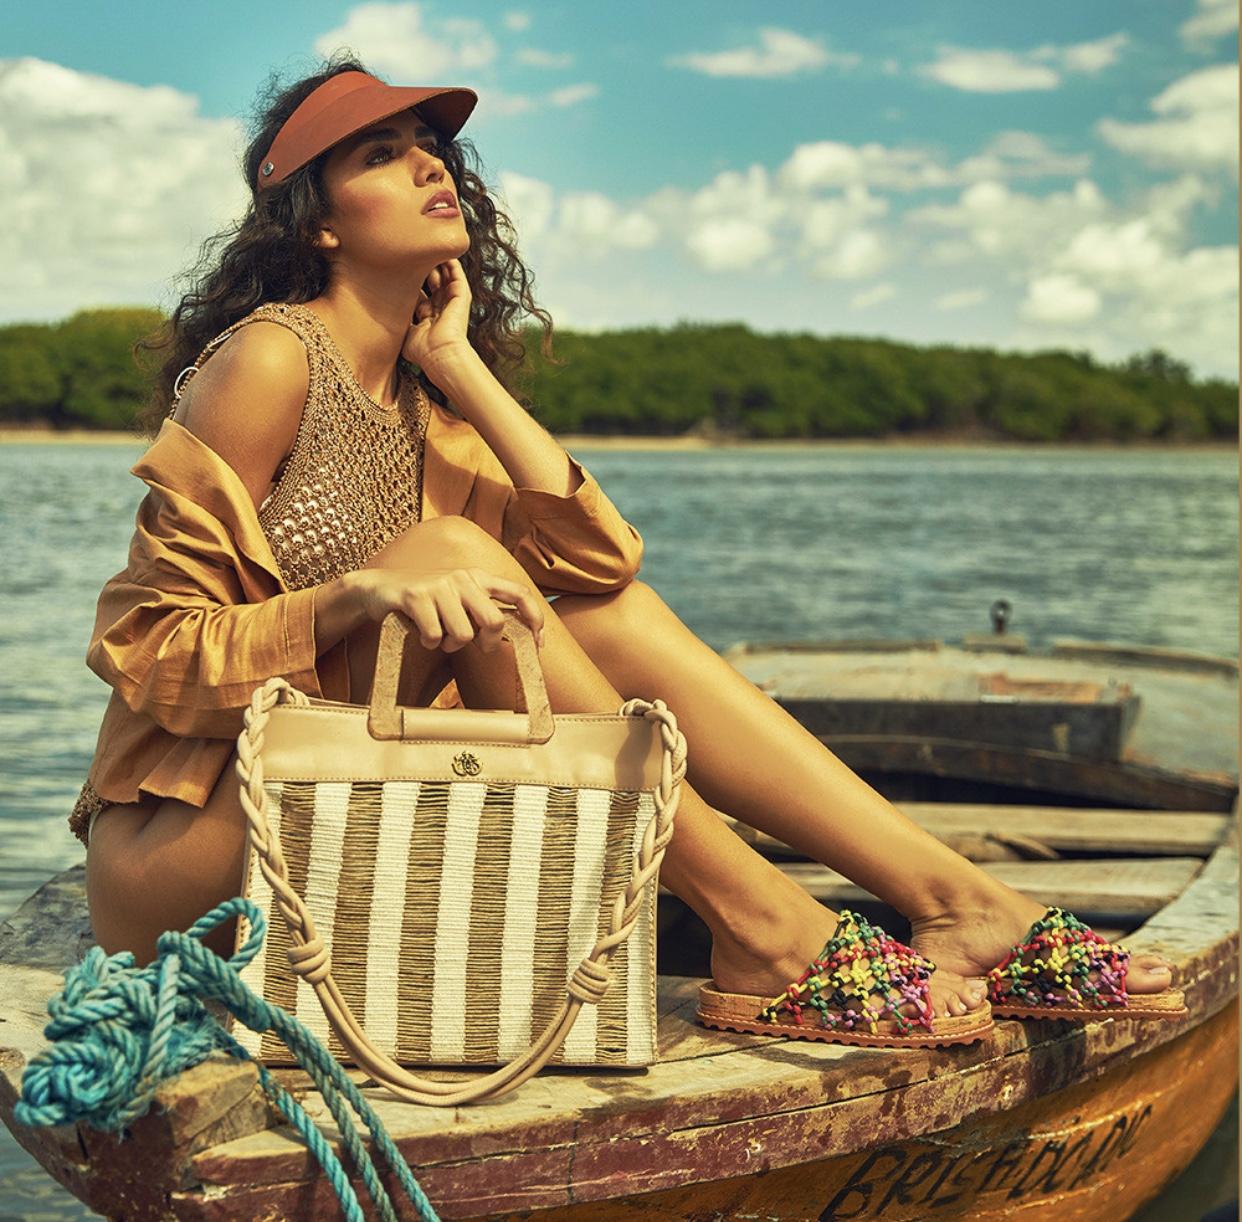 Meia Sola lança coleção inspirada no Ceará para comemorar aniversário